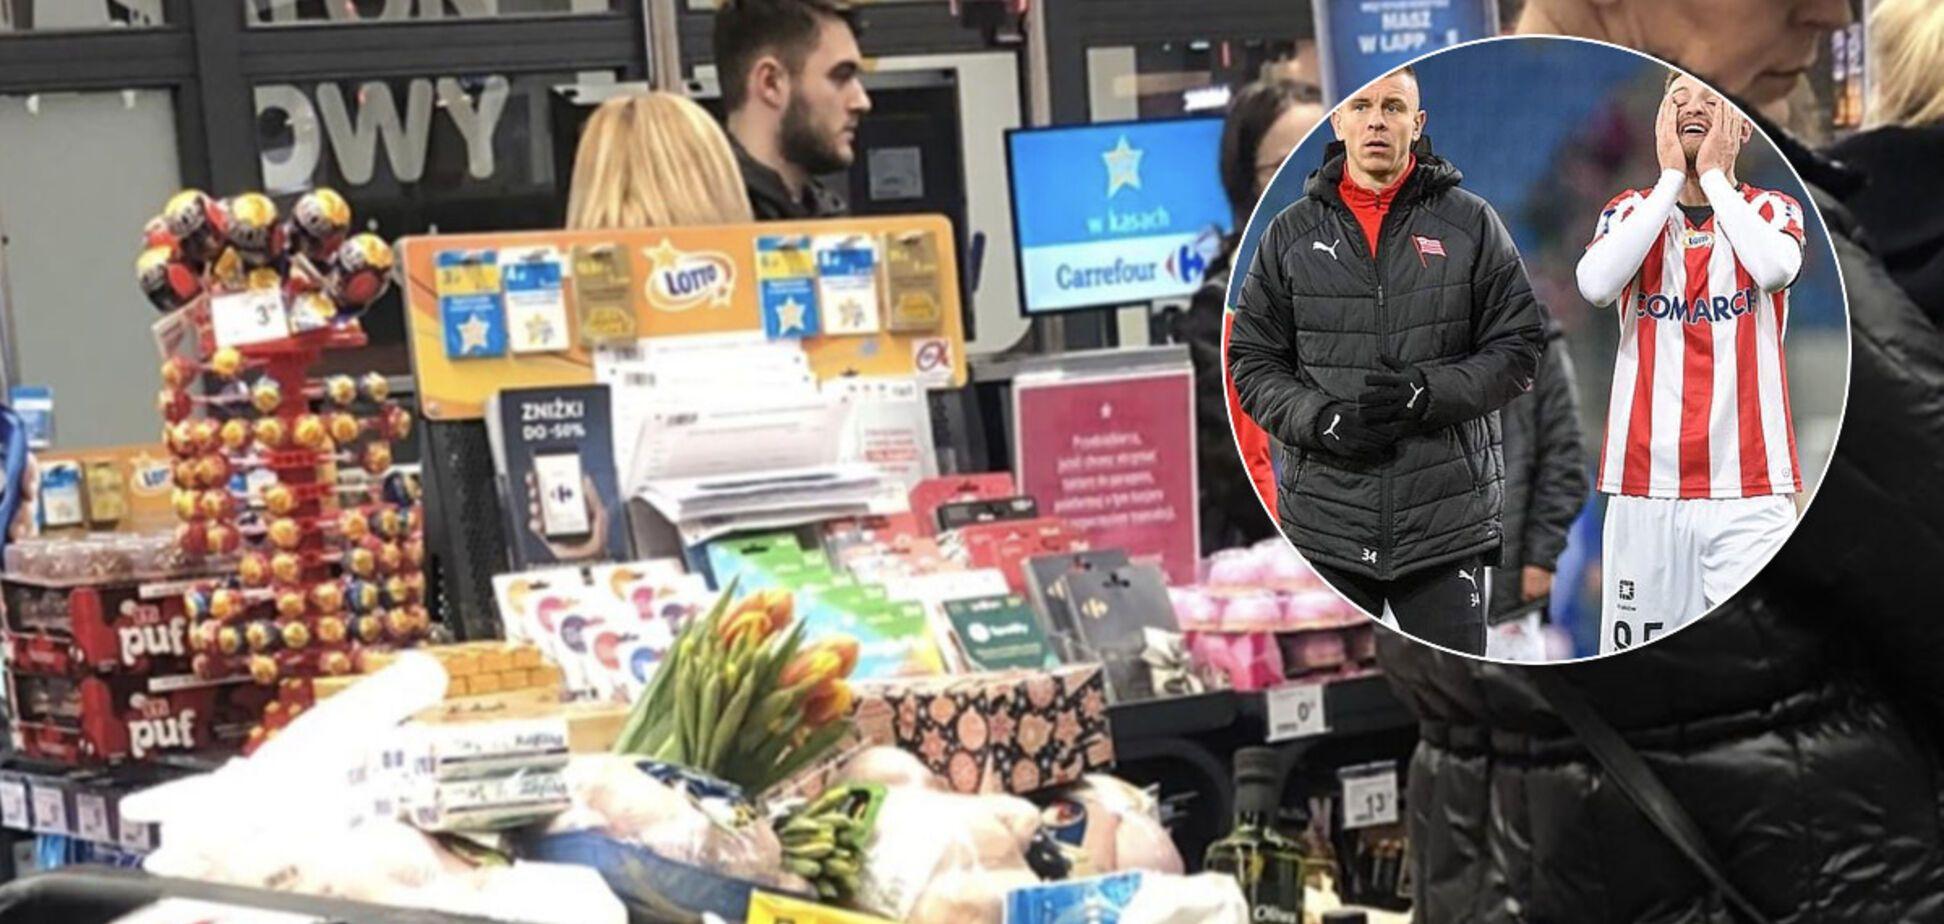 Украинский футболист показал панику из-за коронавируса